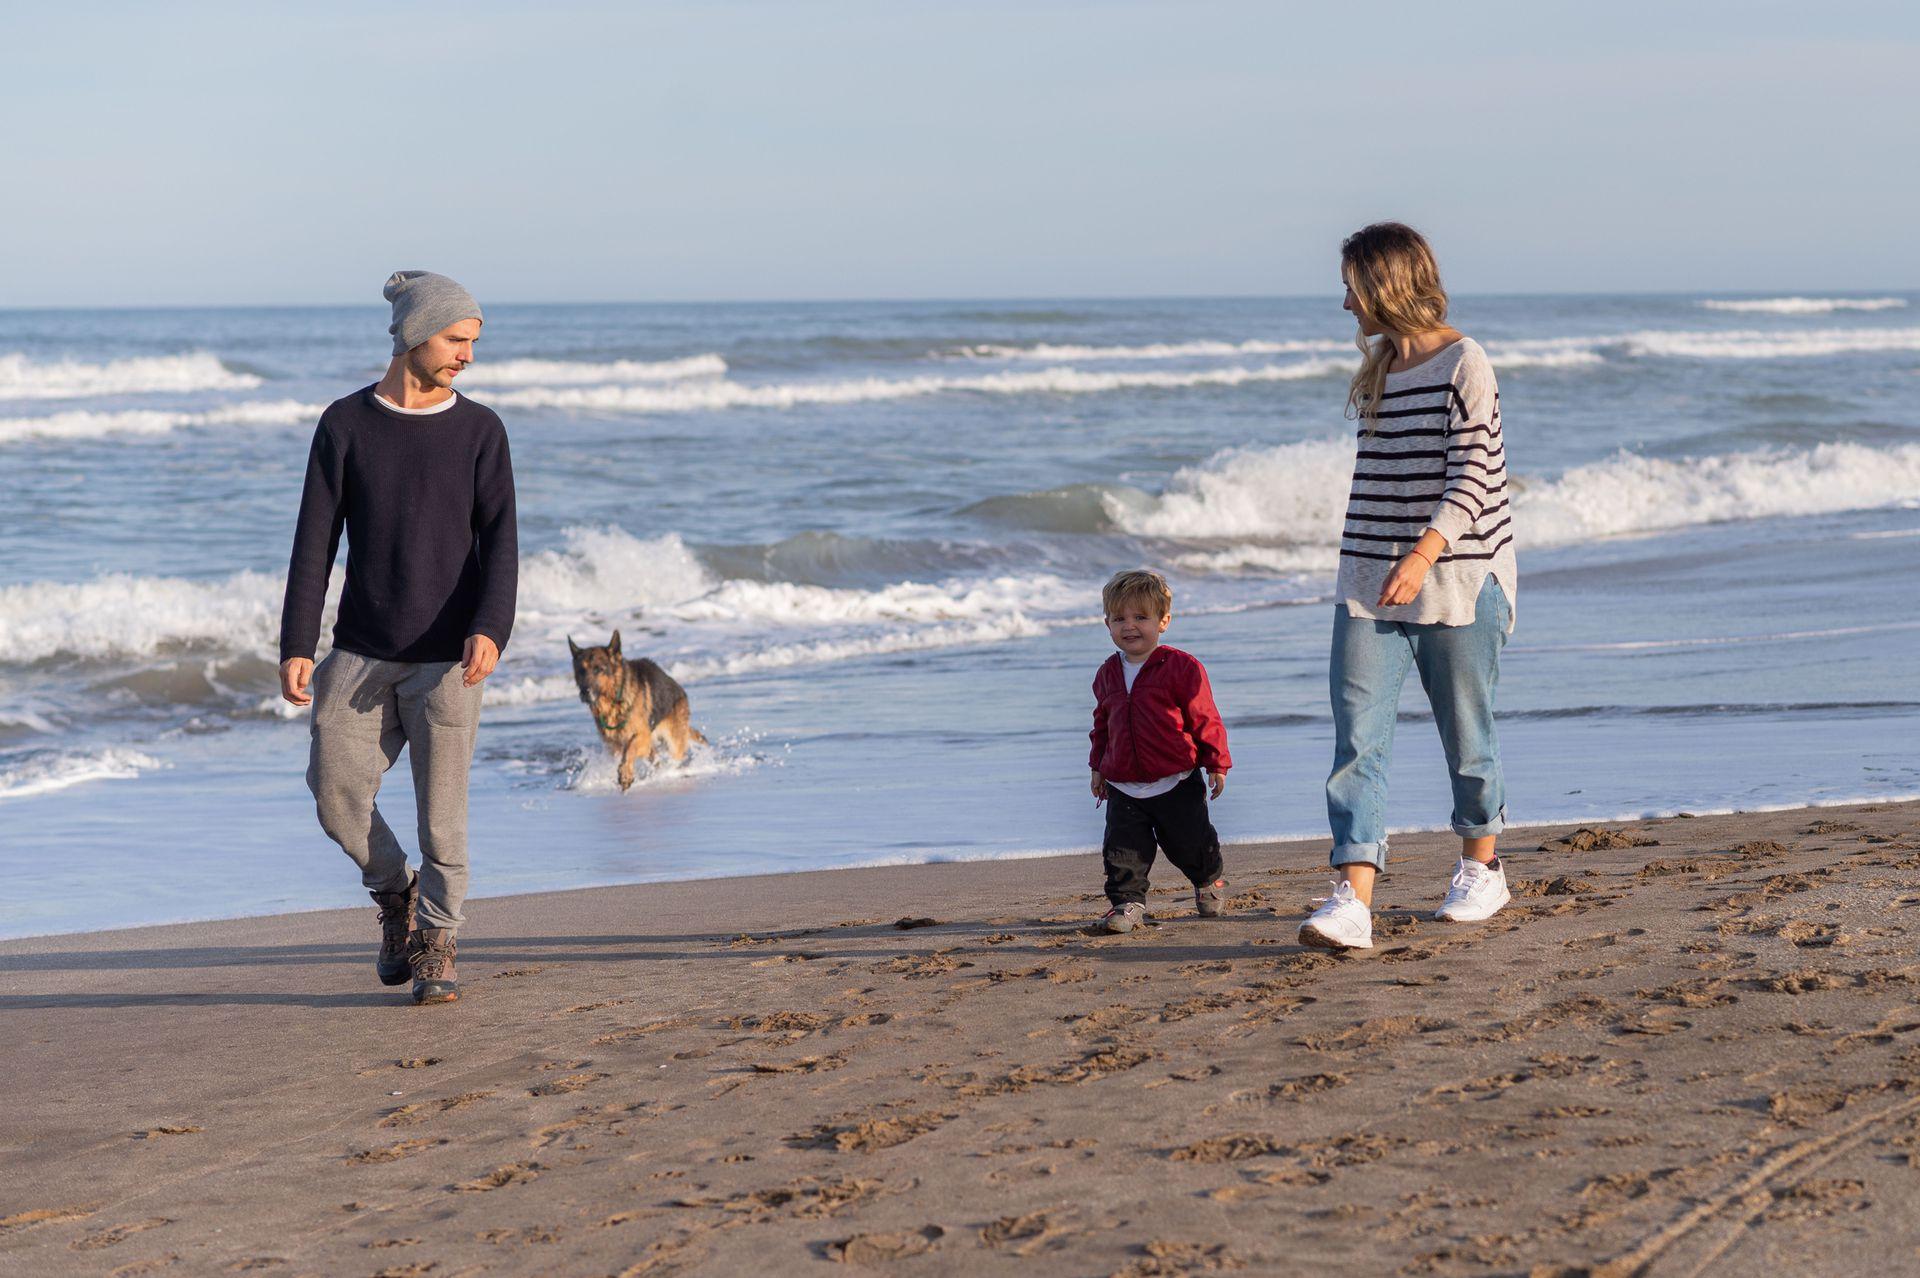 Joy Schvindlerman y su novio, Lucas Lucente, dejaron su departamento en Colegiales y decidieron atravesar la segunda ola de coronavirus junto al mar, en Ostende